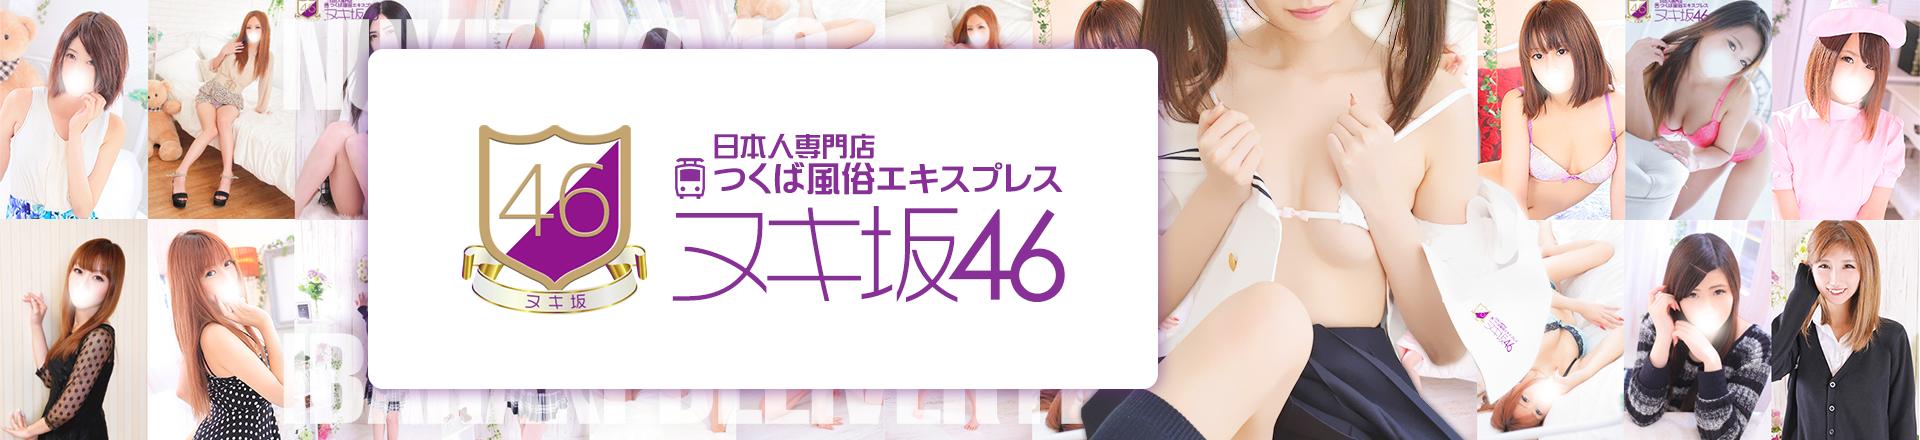 茨城/デリヘル『つくば風俗エキスプレス ヌキ坂46』